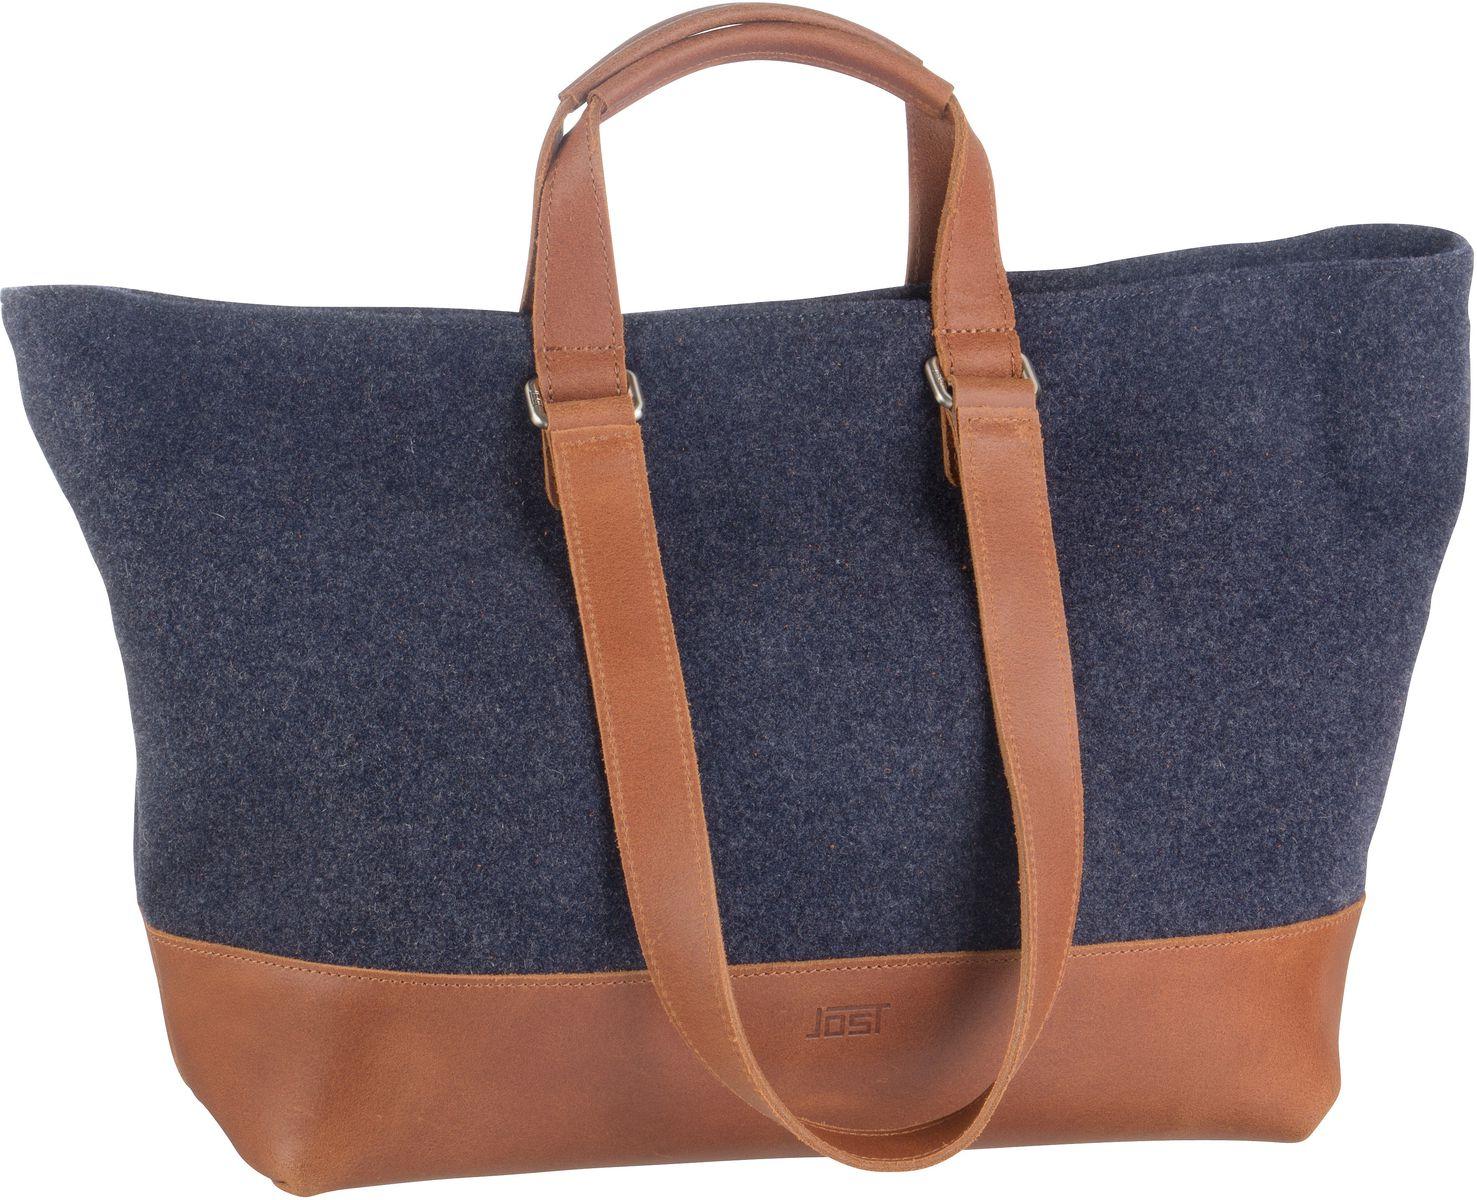 Handtasche Farum 3032 Shopper Navy